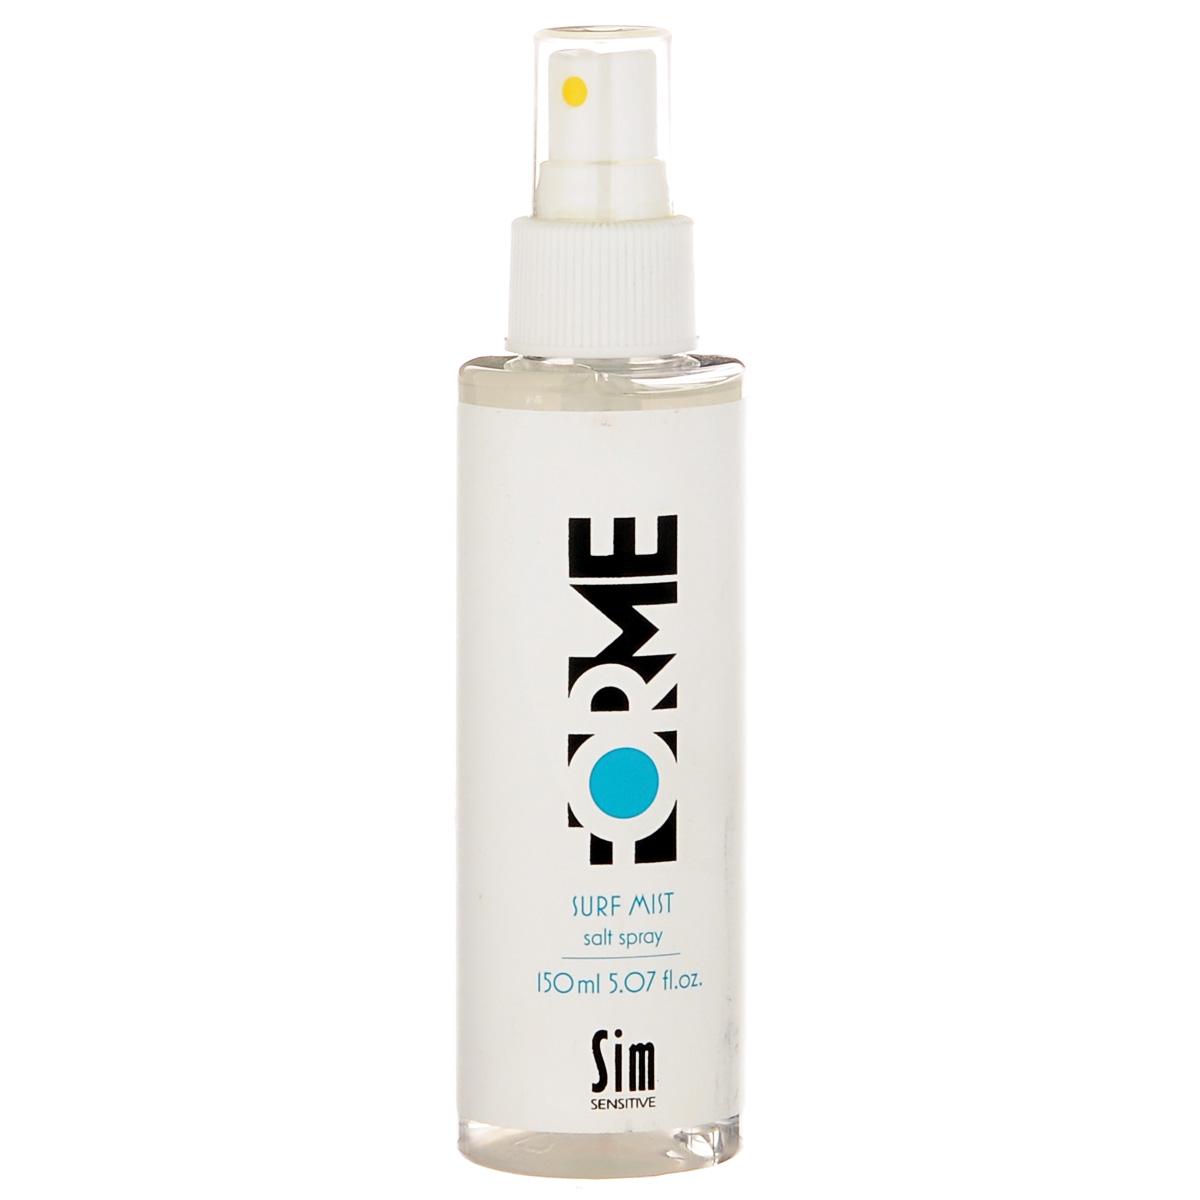 SIM SENSITIVE Cпрей с морской солью FORME Surf Mist Salt Spray 150мл5355Спрей для укладки волос с морской солью, подчеркивает текстуру и объем волос. Невесомый спрей с морской солью Серф Мист, подчеркивает текстурированность волос и создает эффект пляжной укладки. В состав спрея входит экстракт клюквы и УФ-фильтр, которые защищают волосы от вредных воздействий окружающей среды. Экстракт клюквы, благодаря большой концентрации витаминов и микроэлементов, питает, ухаживает и защищает волосы. Фиксация: 5 Объем: 5 Блеск: 4